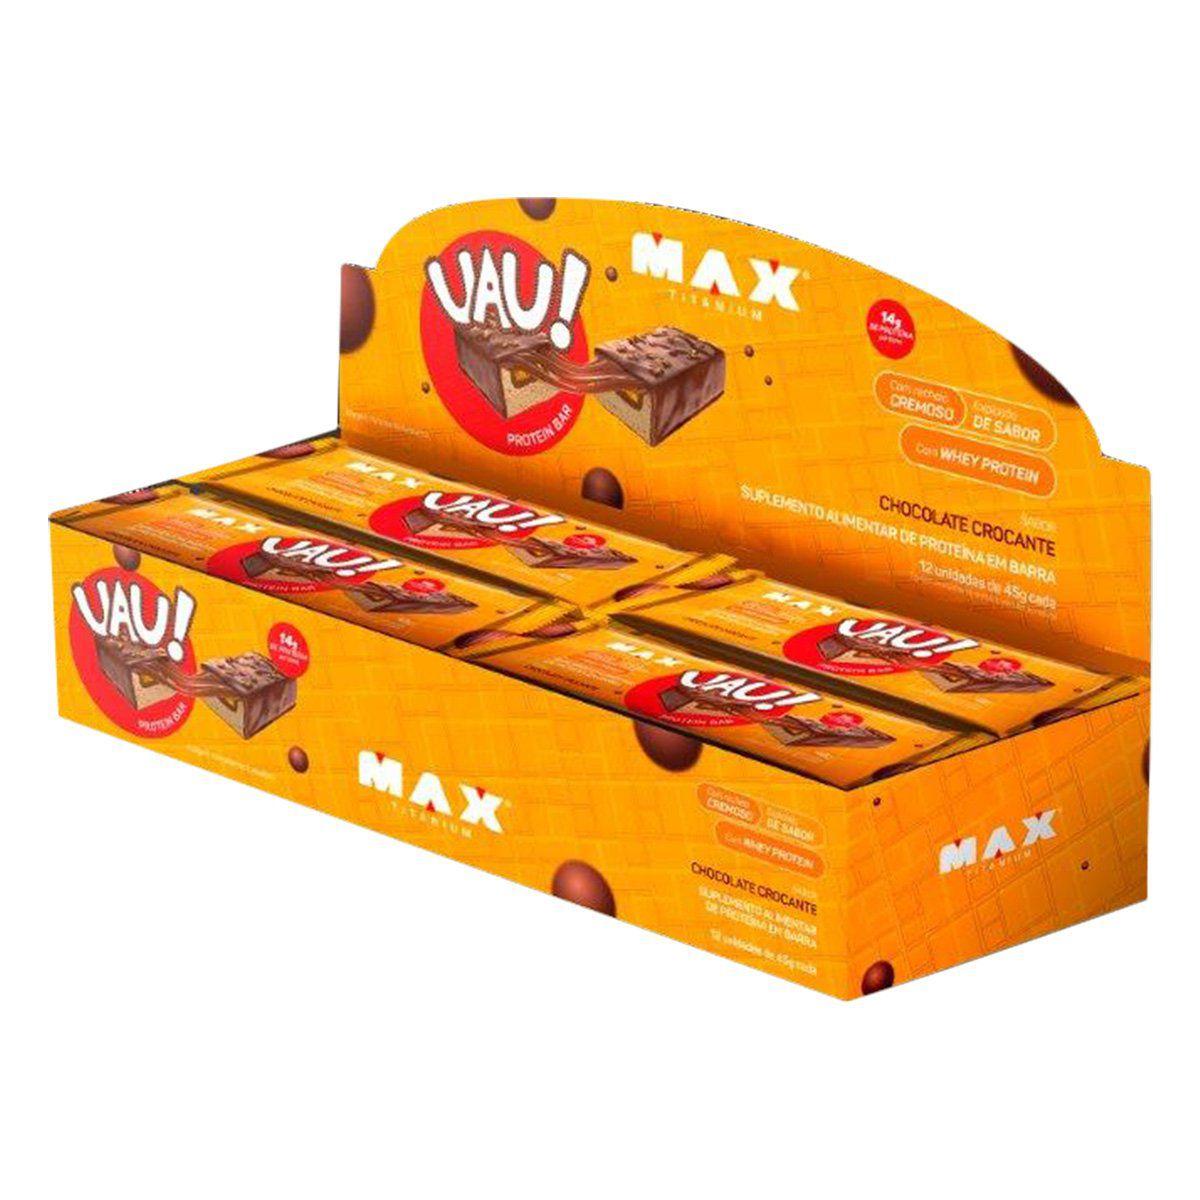 CAIXA UAU PROTEIN BAR CHOCOLATE CROCANTE MAX TITANIUM   - Vitta Gold